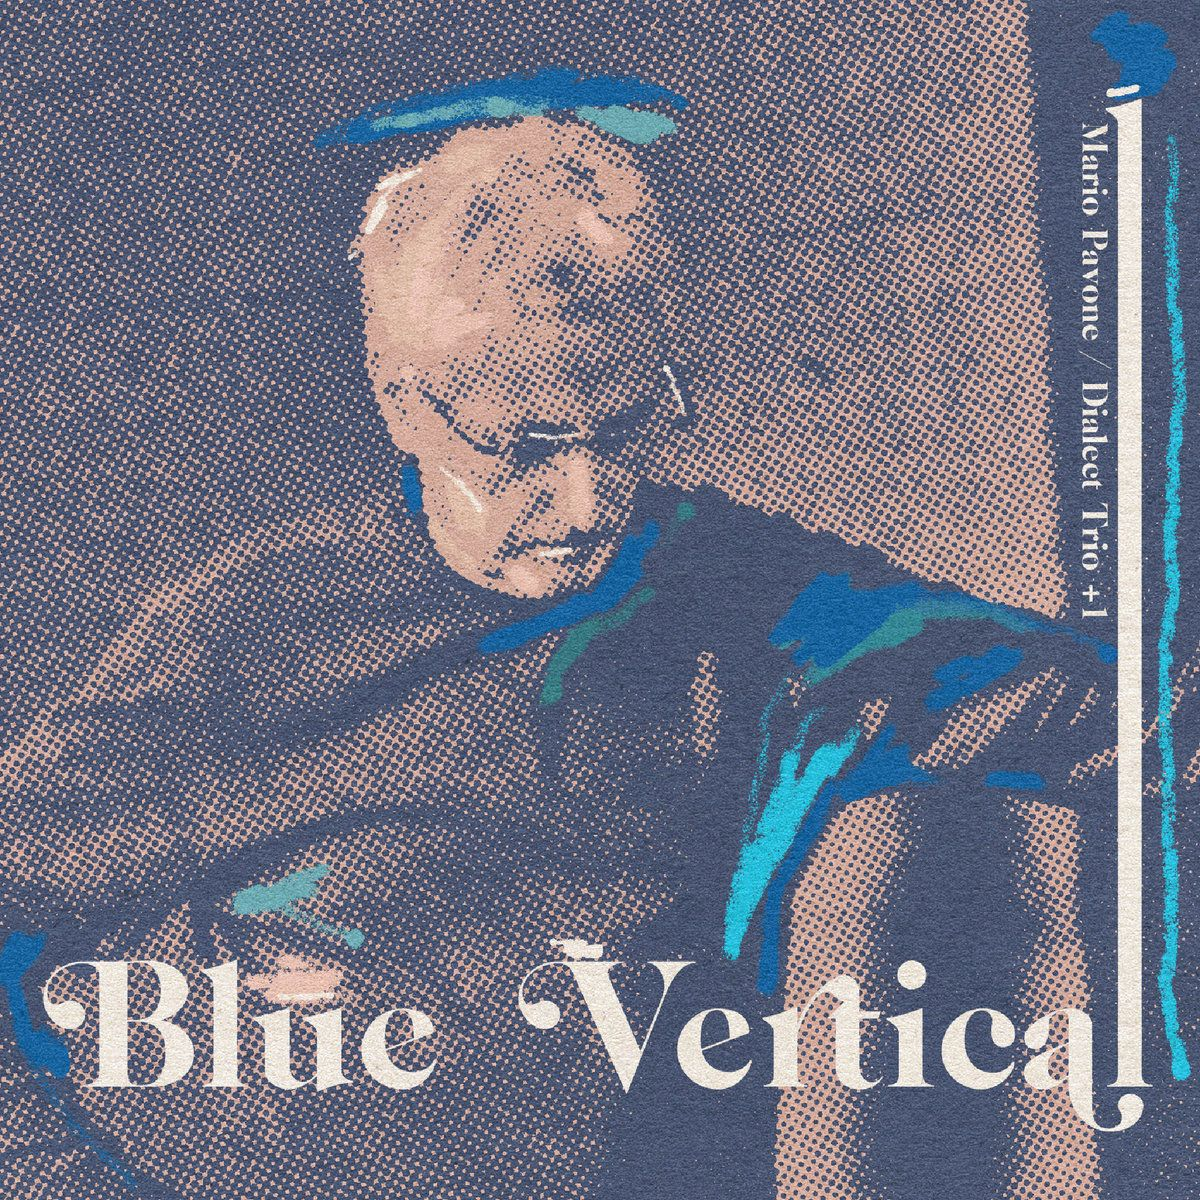 Mario Pavone: Dialect Trio + 1